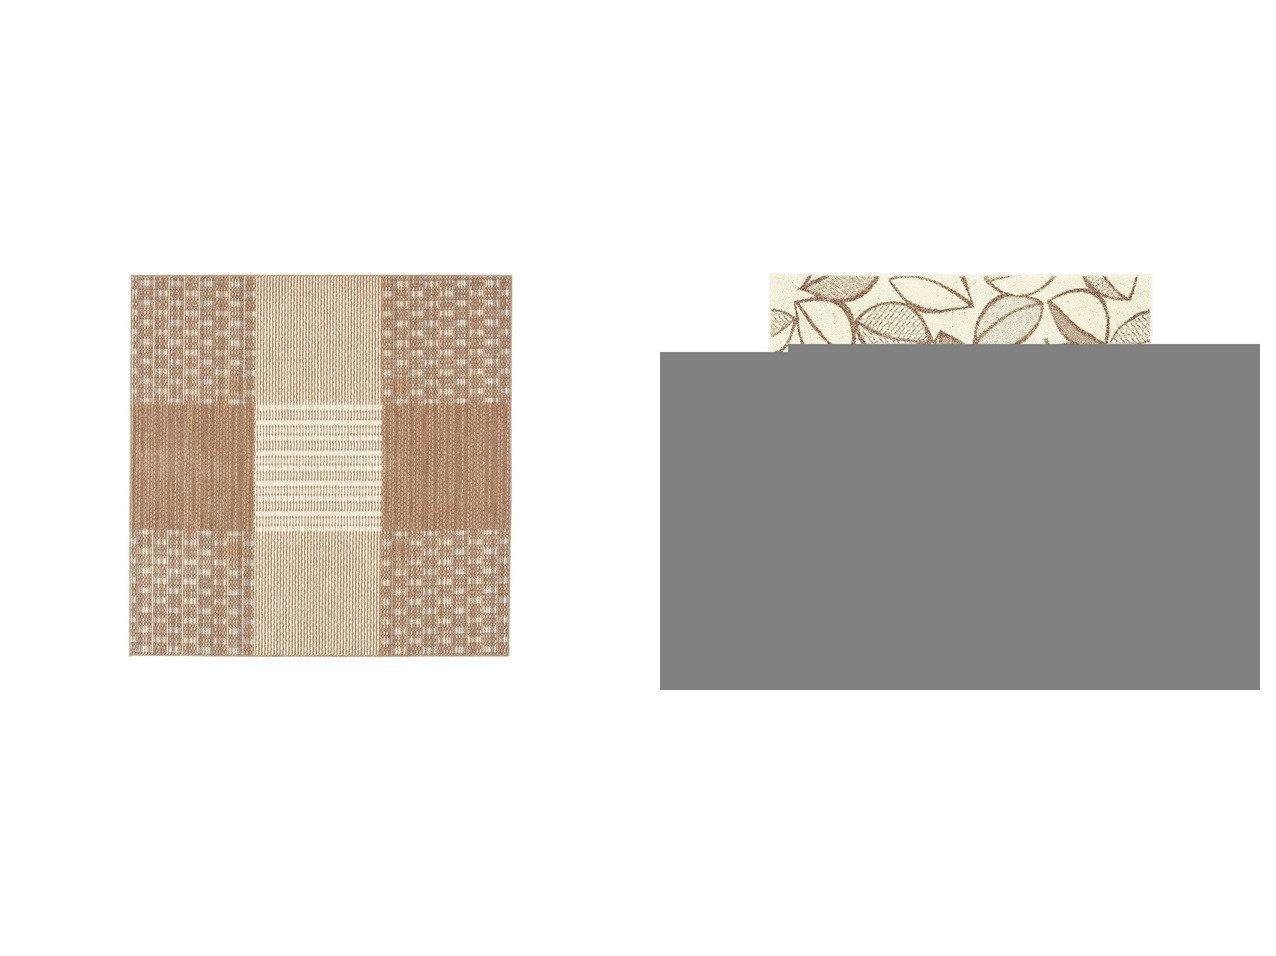 【FLYMEe vert/フライミー ヴェール】のラグ n7310&ラグ n7313 【ラグ・絨毯・カーペット お家時間 FURNITURE】おすすめ!人気、インテリア雑貨・家具の通販 おすすめで人気の流行・トレンド、ファッションの通販商品 インテリア・家具・メンズファッション・キッズファッション・レディースファッション・服の通販 founy(ファニー) https://founy.com/ 送料無料 Free Shipping シンプル ループ テクスチャー モチーフ リーフ |ID:crp329100000054358